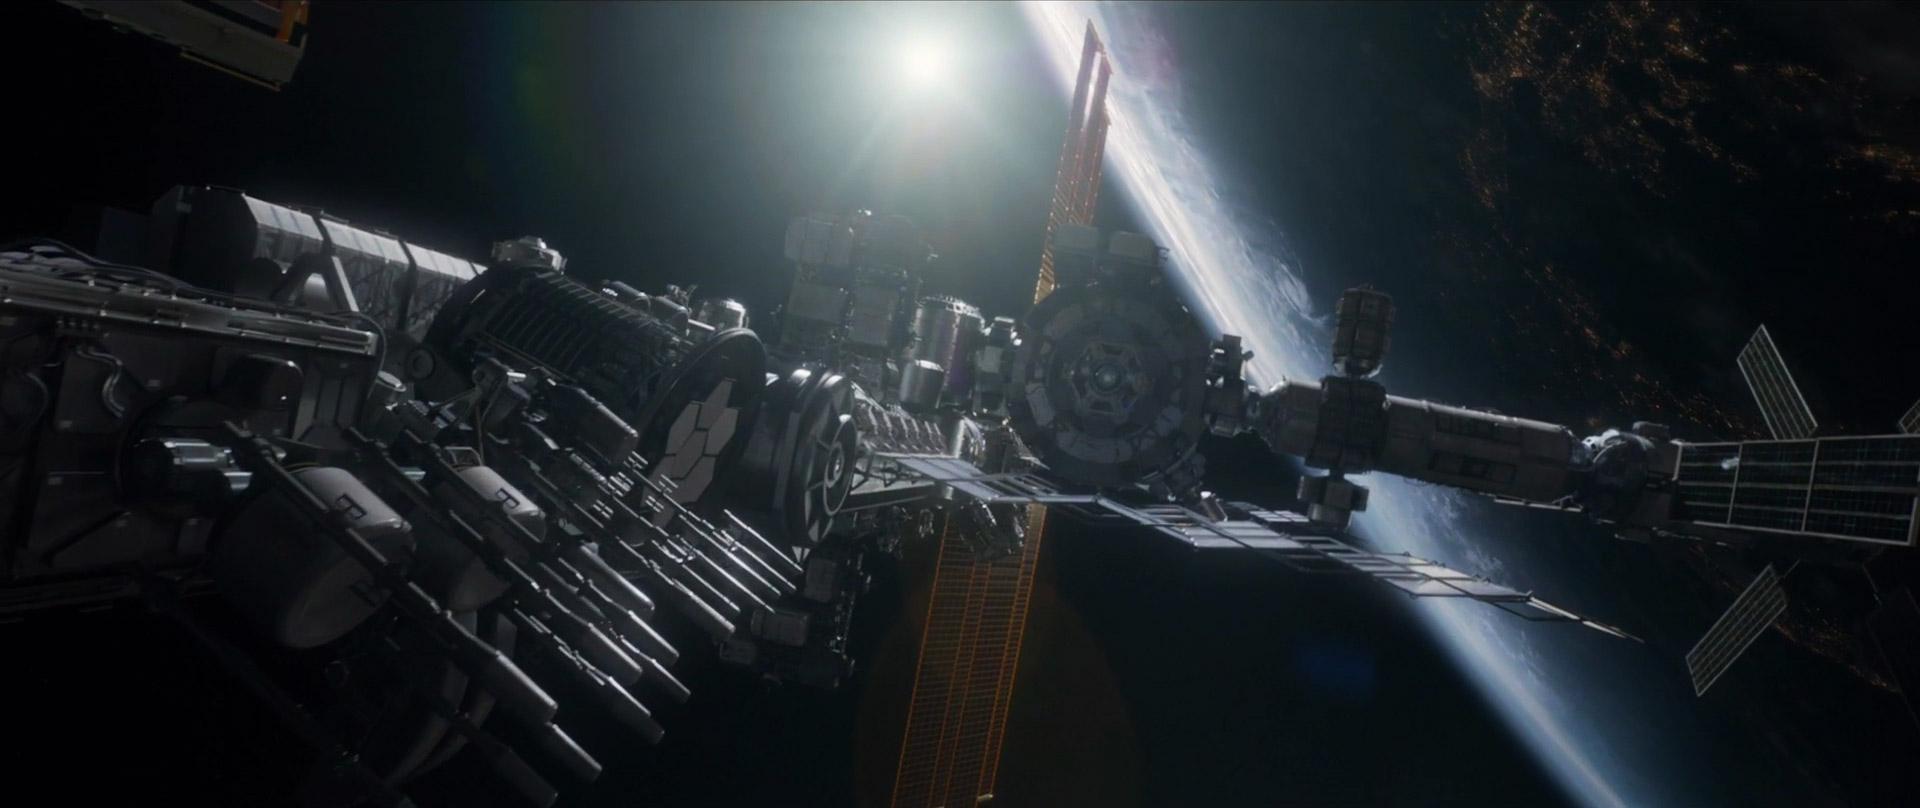 Обзор фильма «Живое» 3